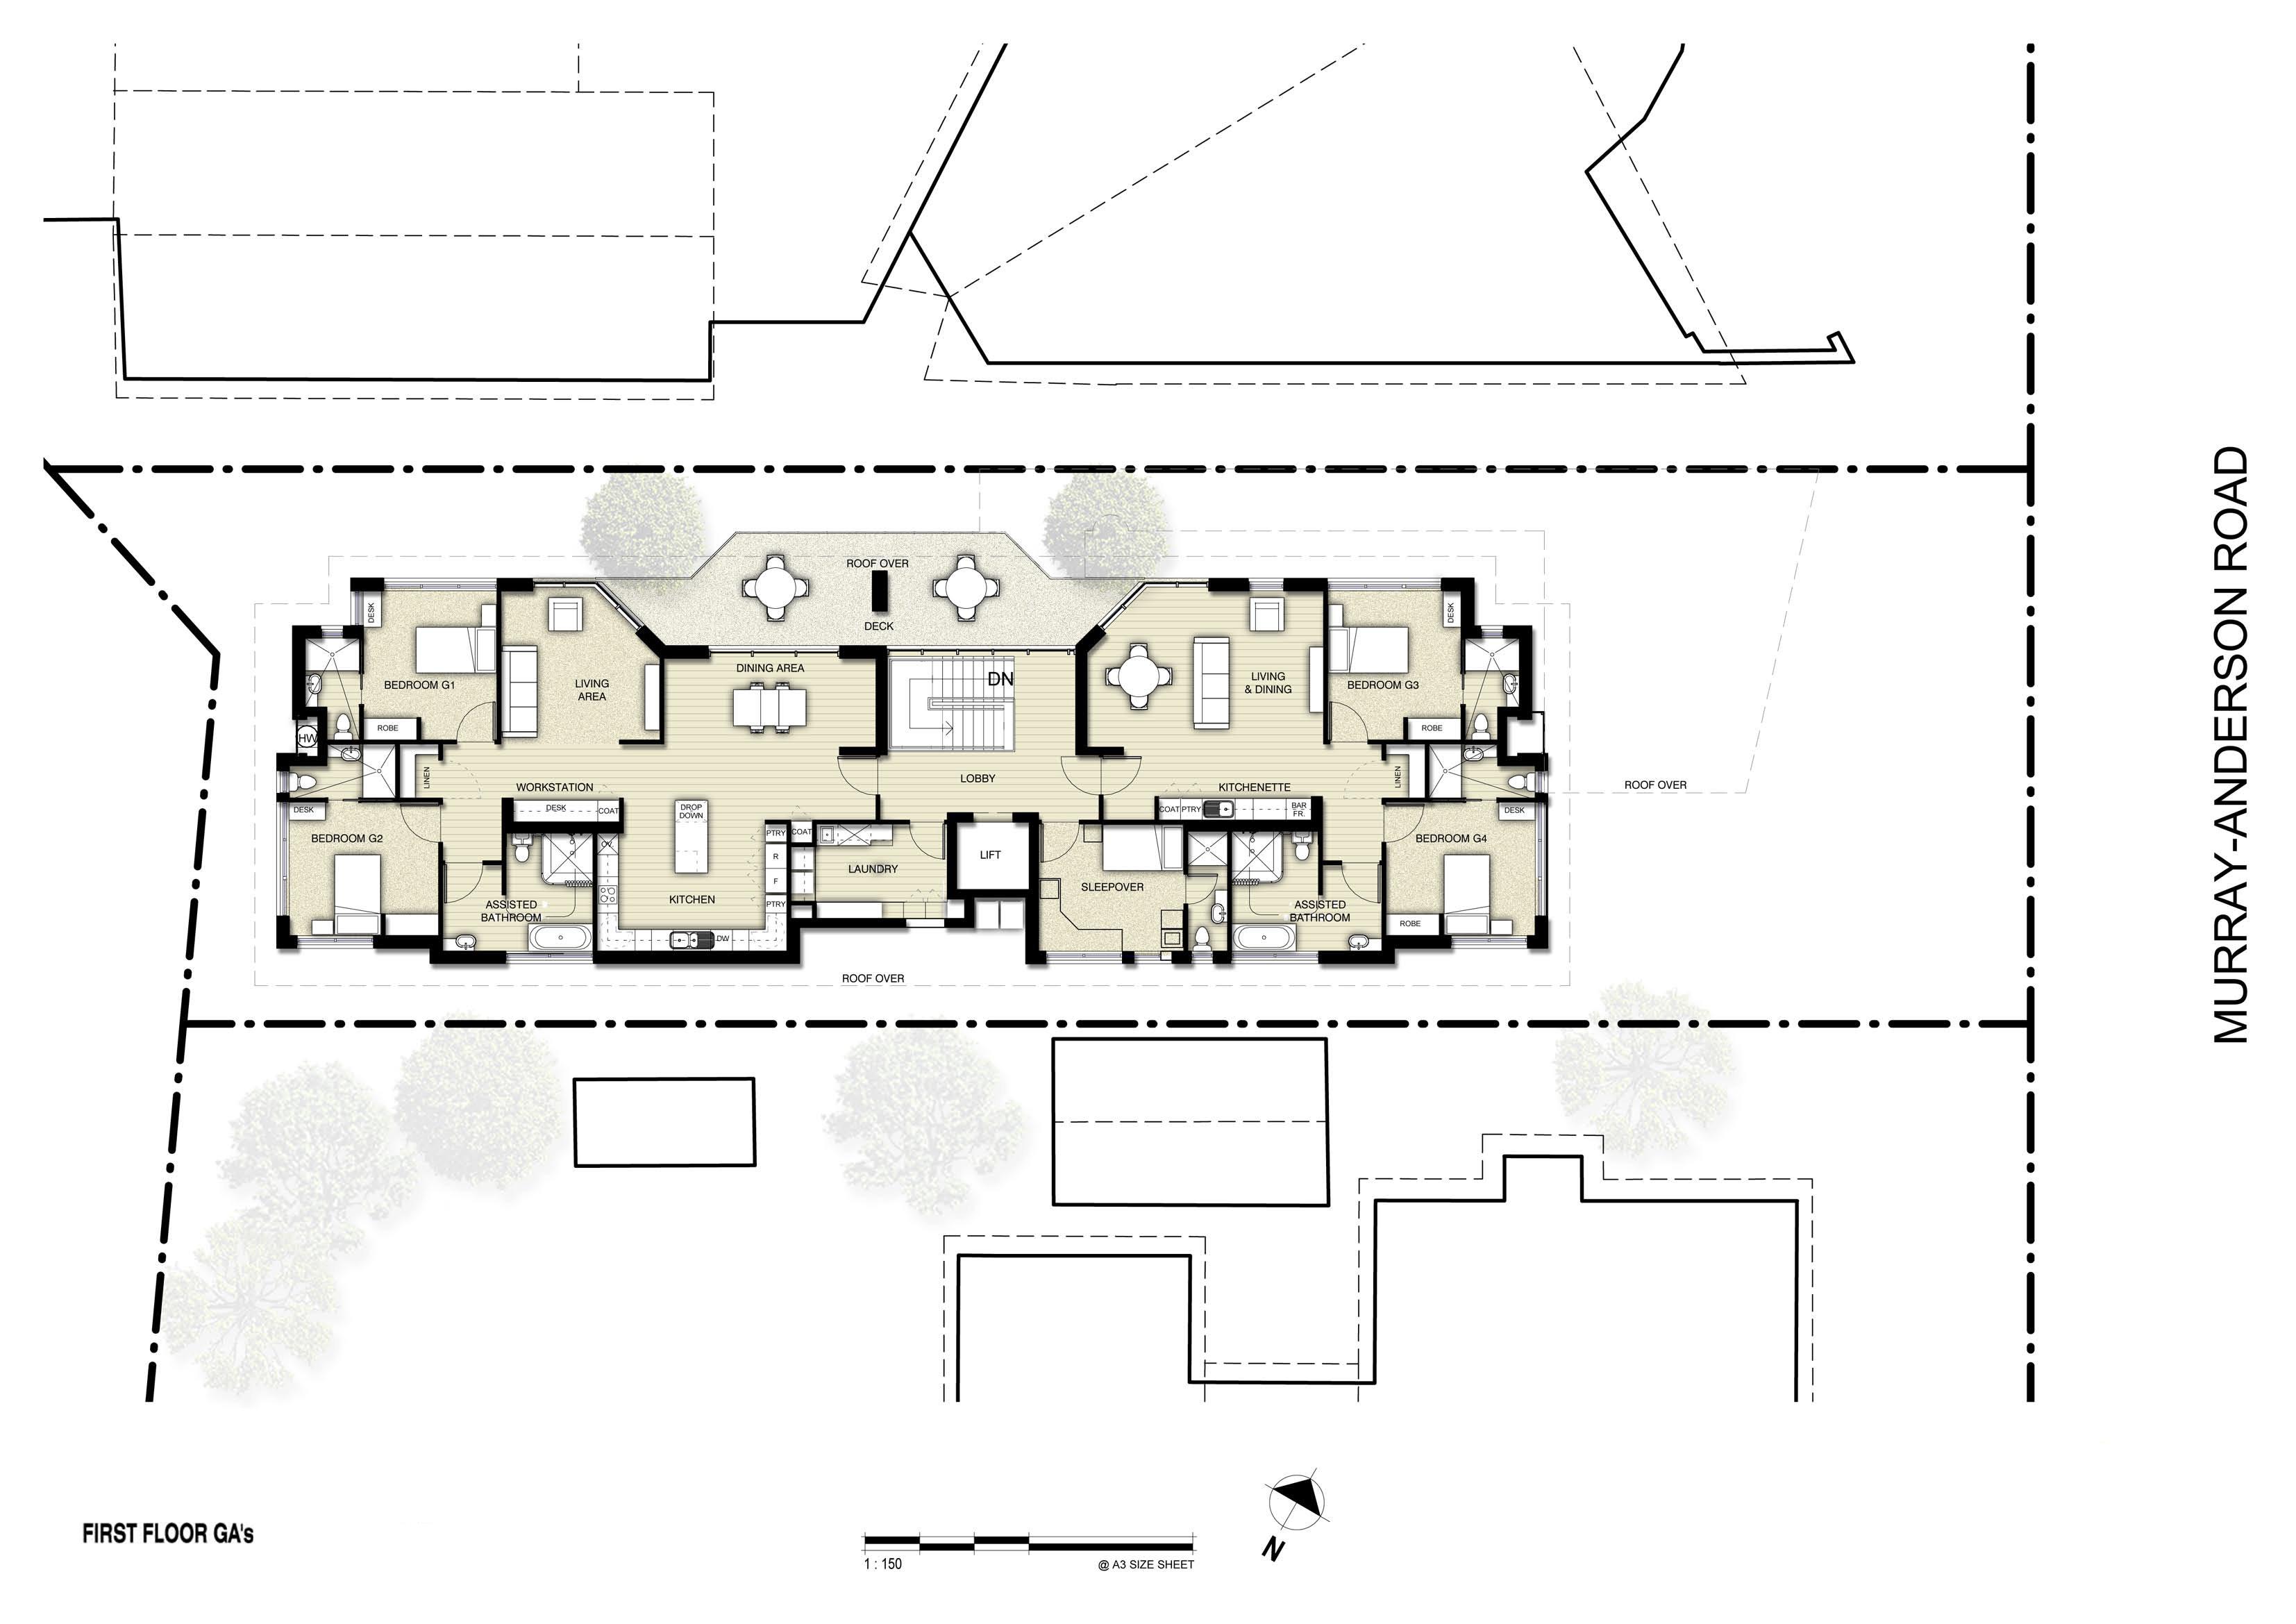 Cloverleaf - First Floor Plan